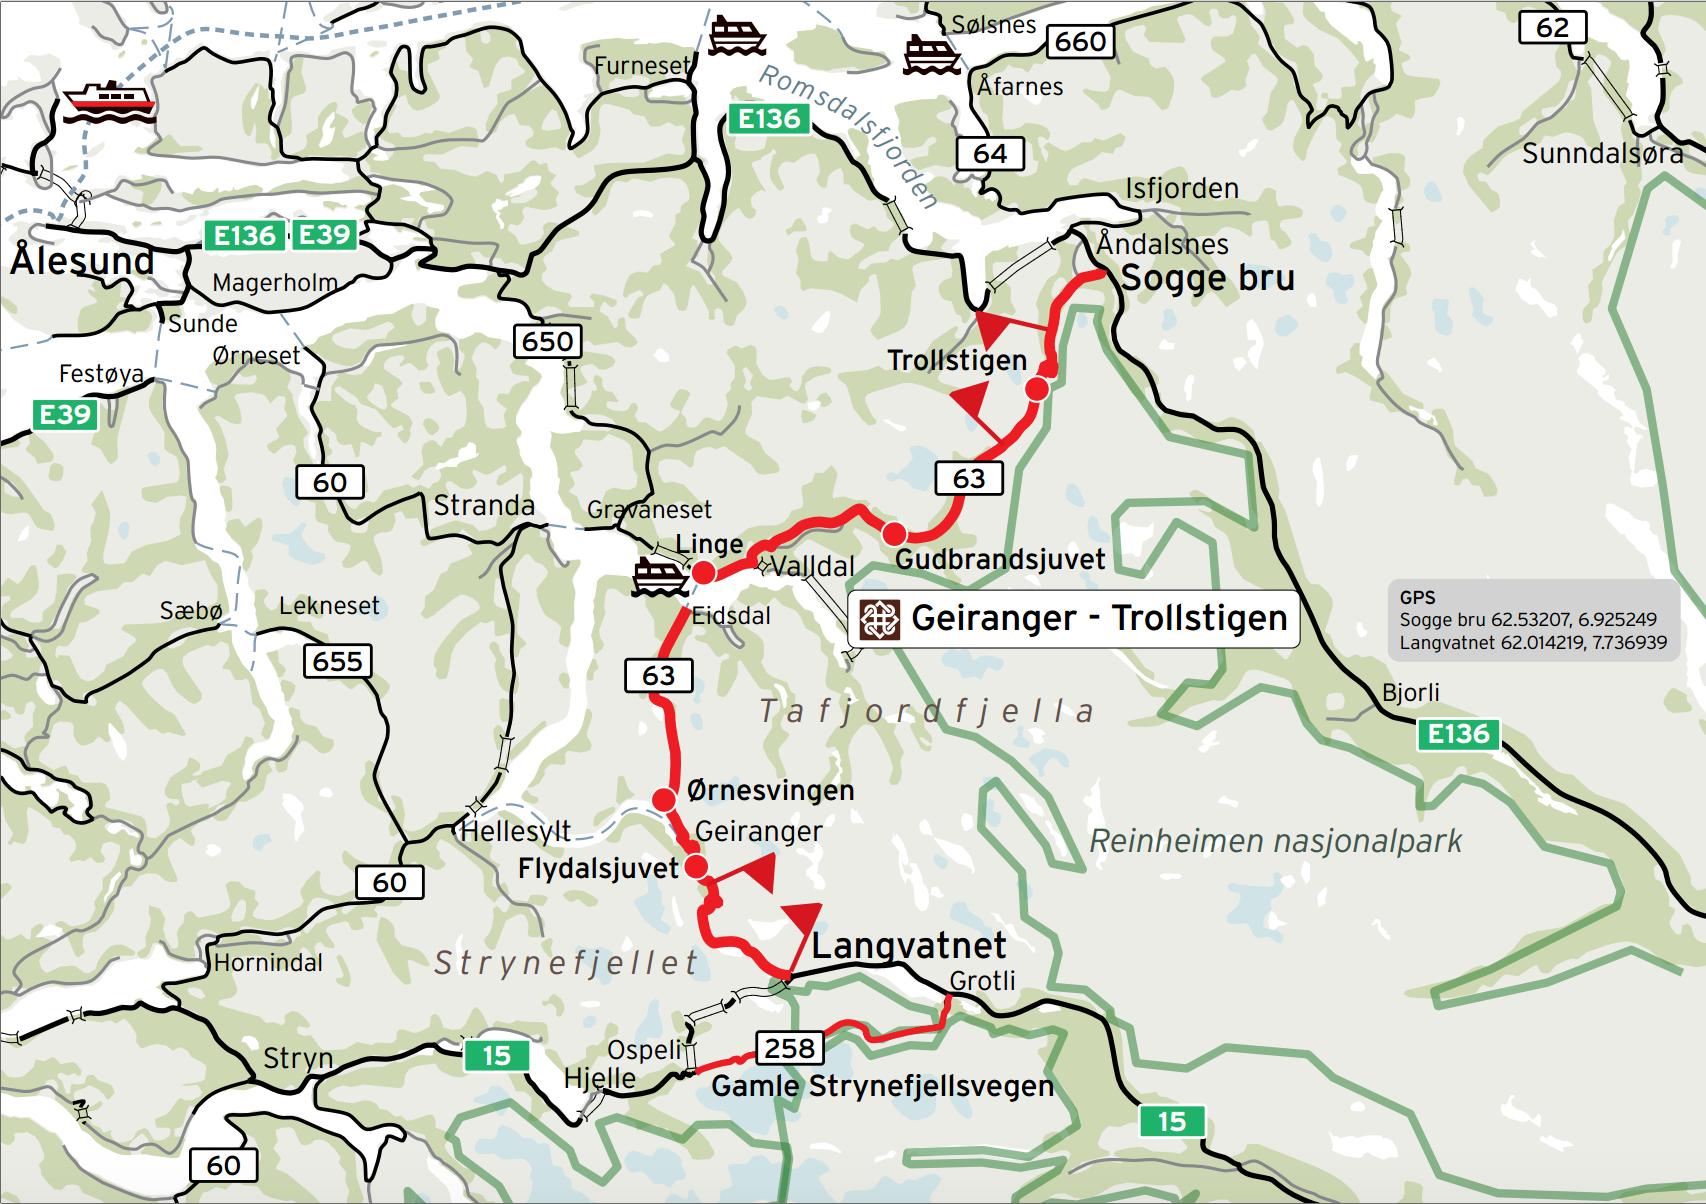 【北歐景點】Trollstigen 精靈之路 ∣ 挪威最驚險的世界級景觀公路 2